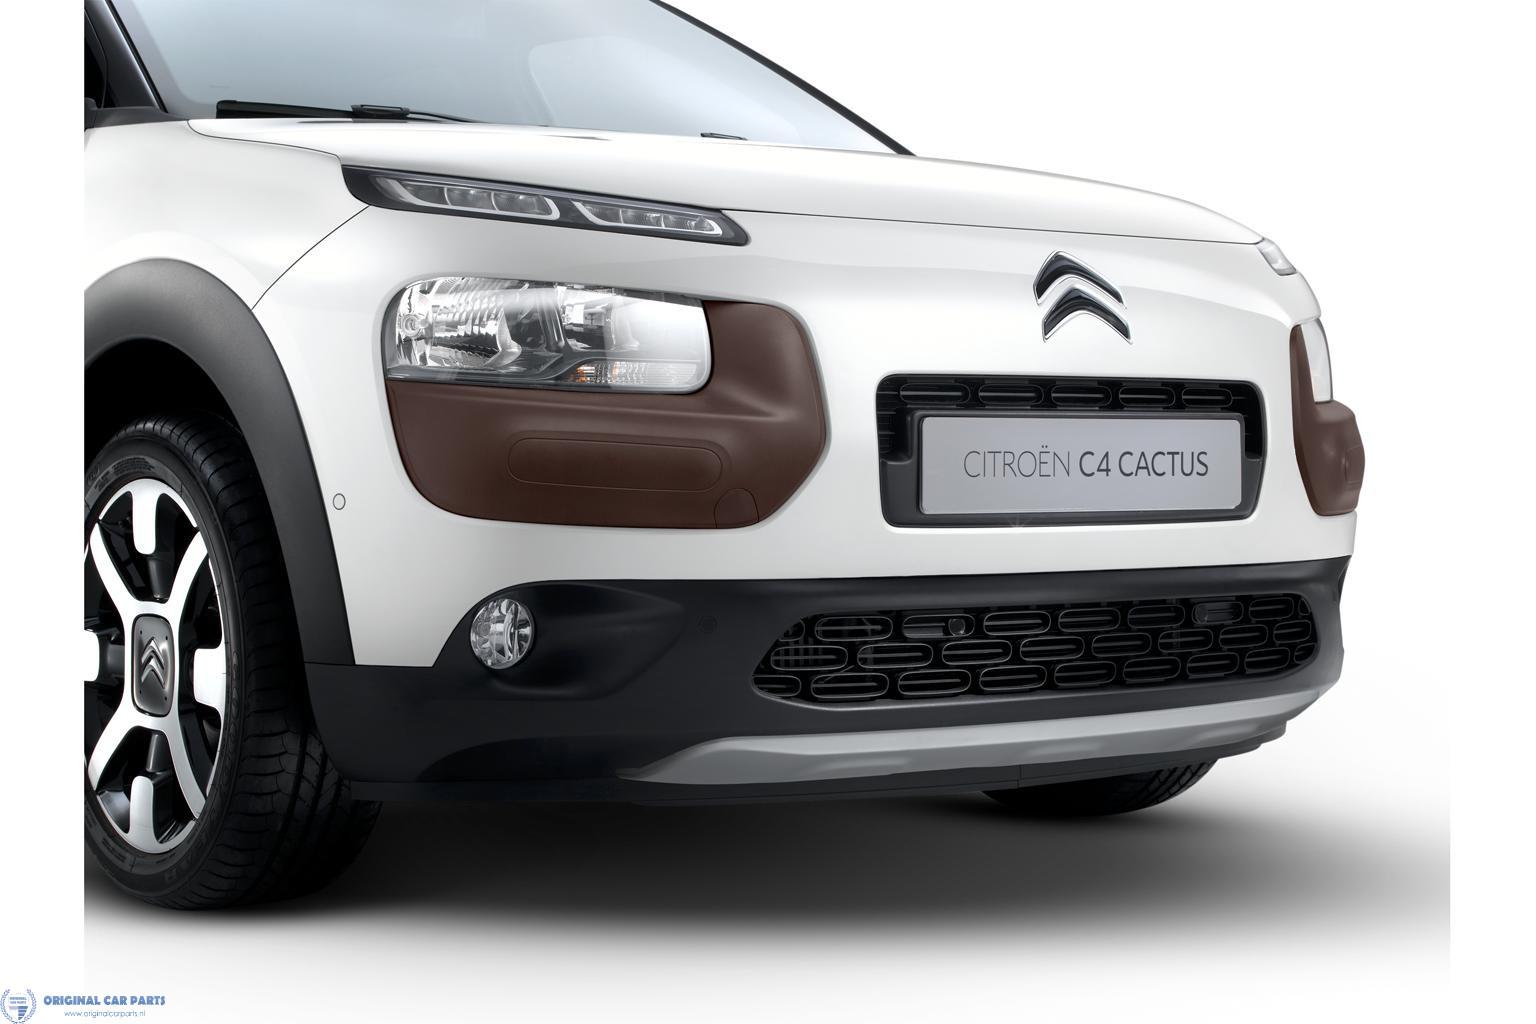 1611186480 Citroën C4 Cactus beschermplaat voorzijde